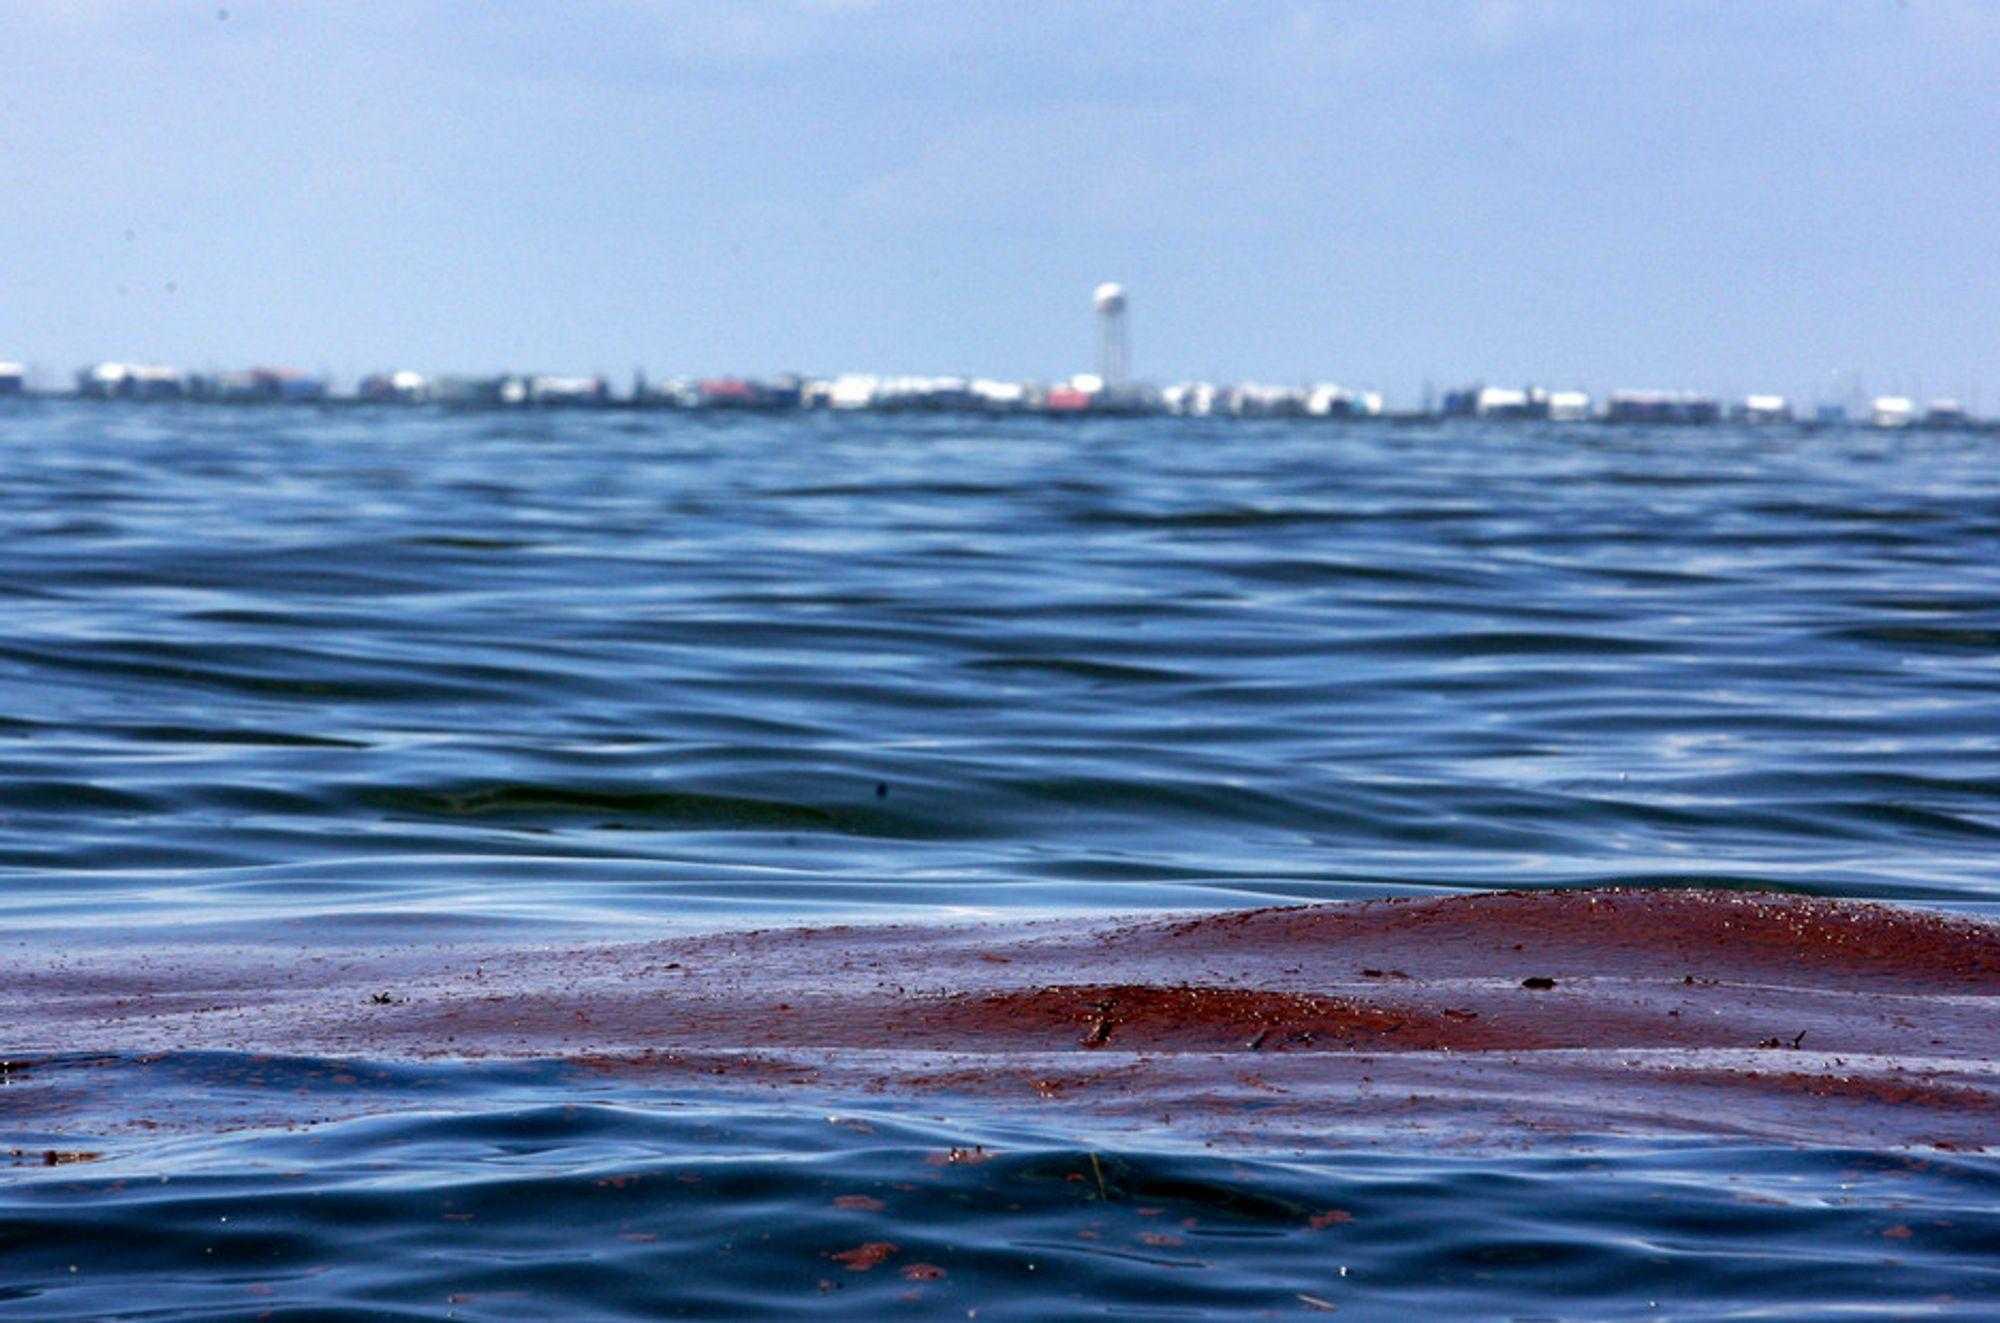 Amerikanske myndigheter anslår at mellom 75 og 120 millioner liter olje har lekket ut i Mexicogolfen etter at oljeriggen Deepwater Horizon sank 22. april. Katastrofen er for lengst større enn Exxon Valdez-utslippet i 1989, og vil få konsekvenser også i Norge, mener analytikere, bransjefolk og miljøbevegelsen.